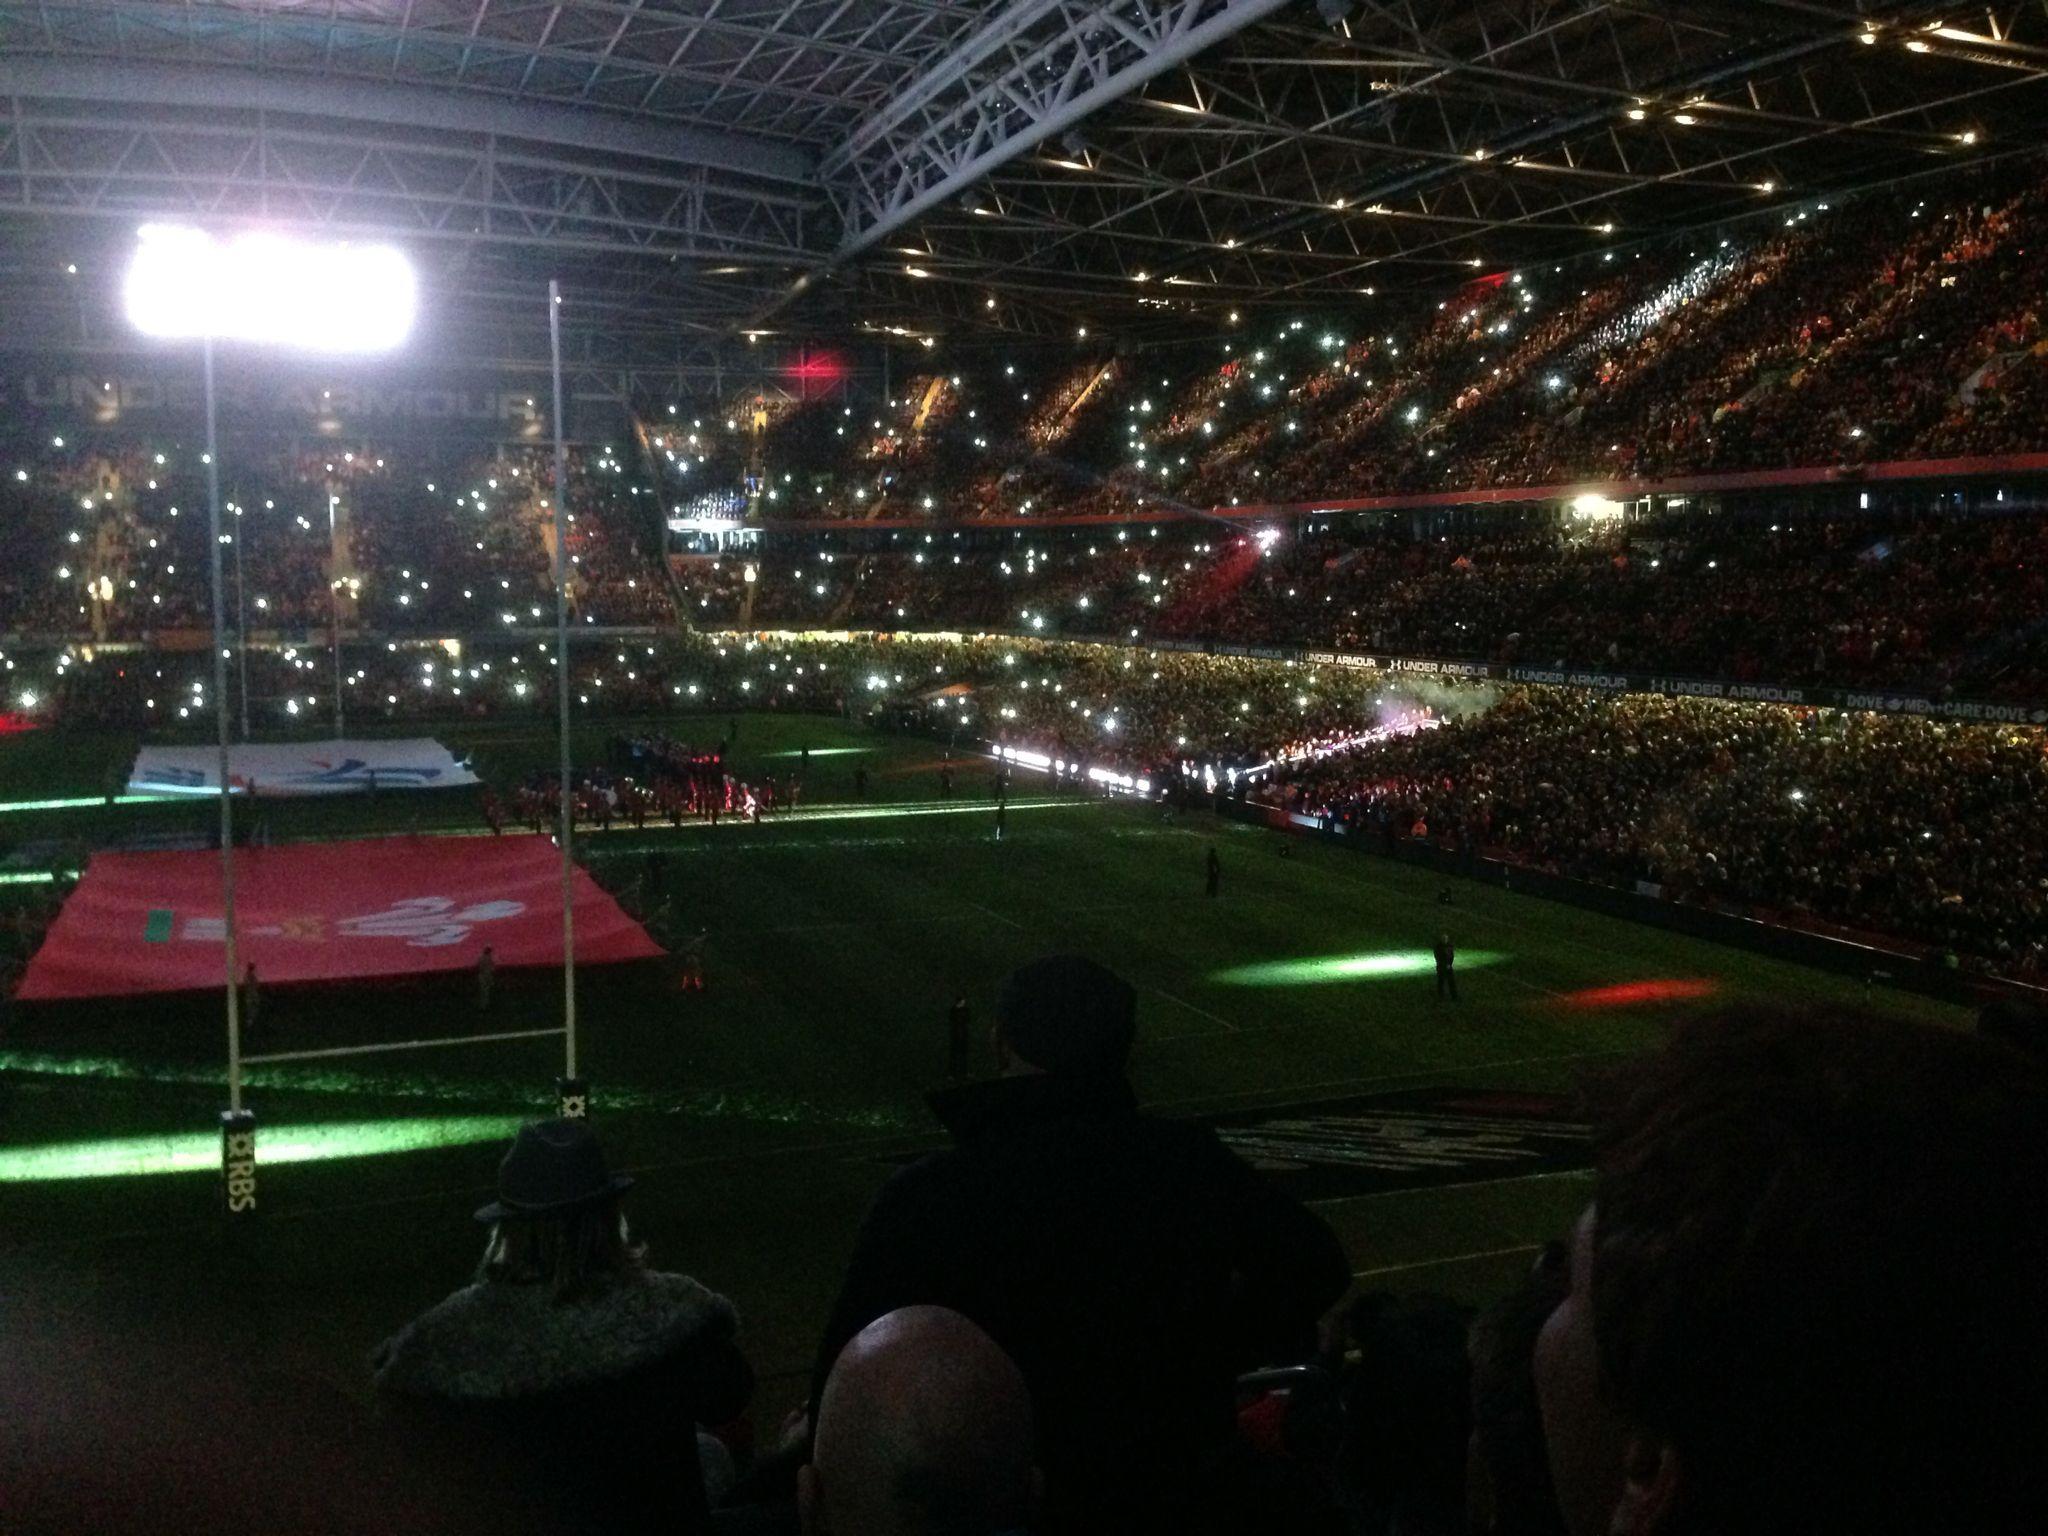 Cymru Yw R Gorau Caru Cymru Soccer Field Field Cymru